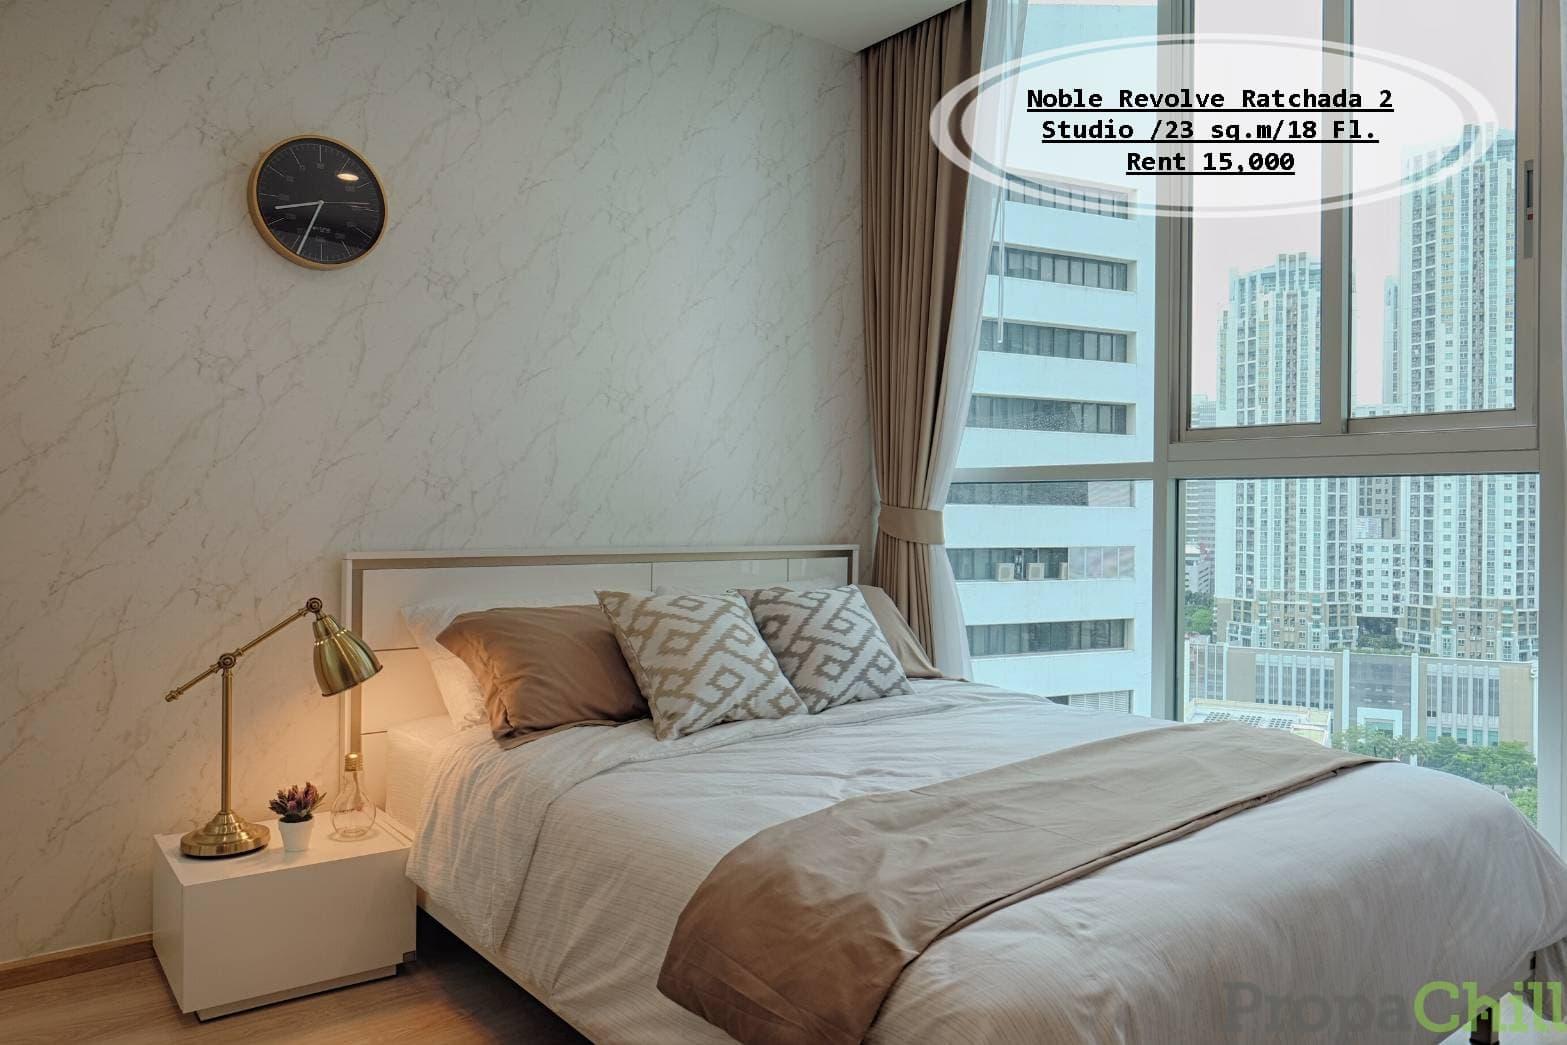 เช่า- Noble Revolve Ratchada 2 / Studio / 23 ตรม. /ชั้น 18 /ใกล้ MRT ศูนย์วัฒนธรรม เช่า 15,000 บ.